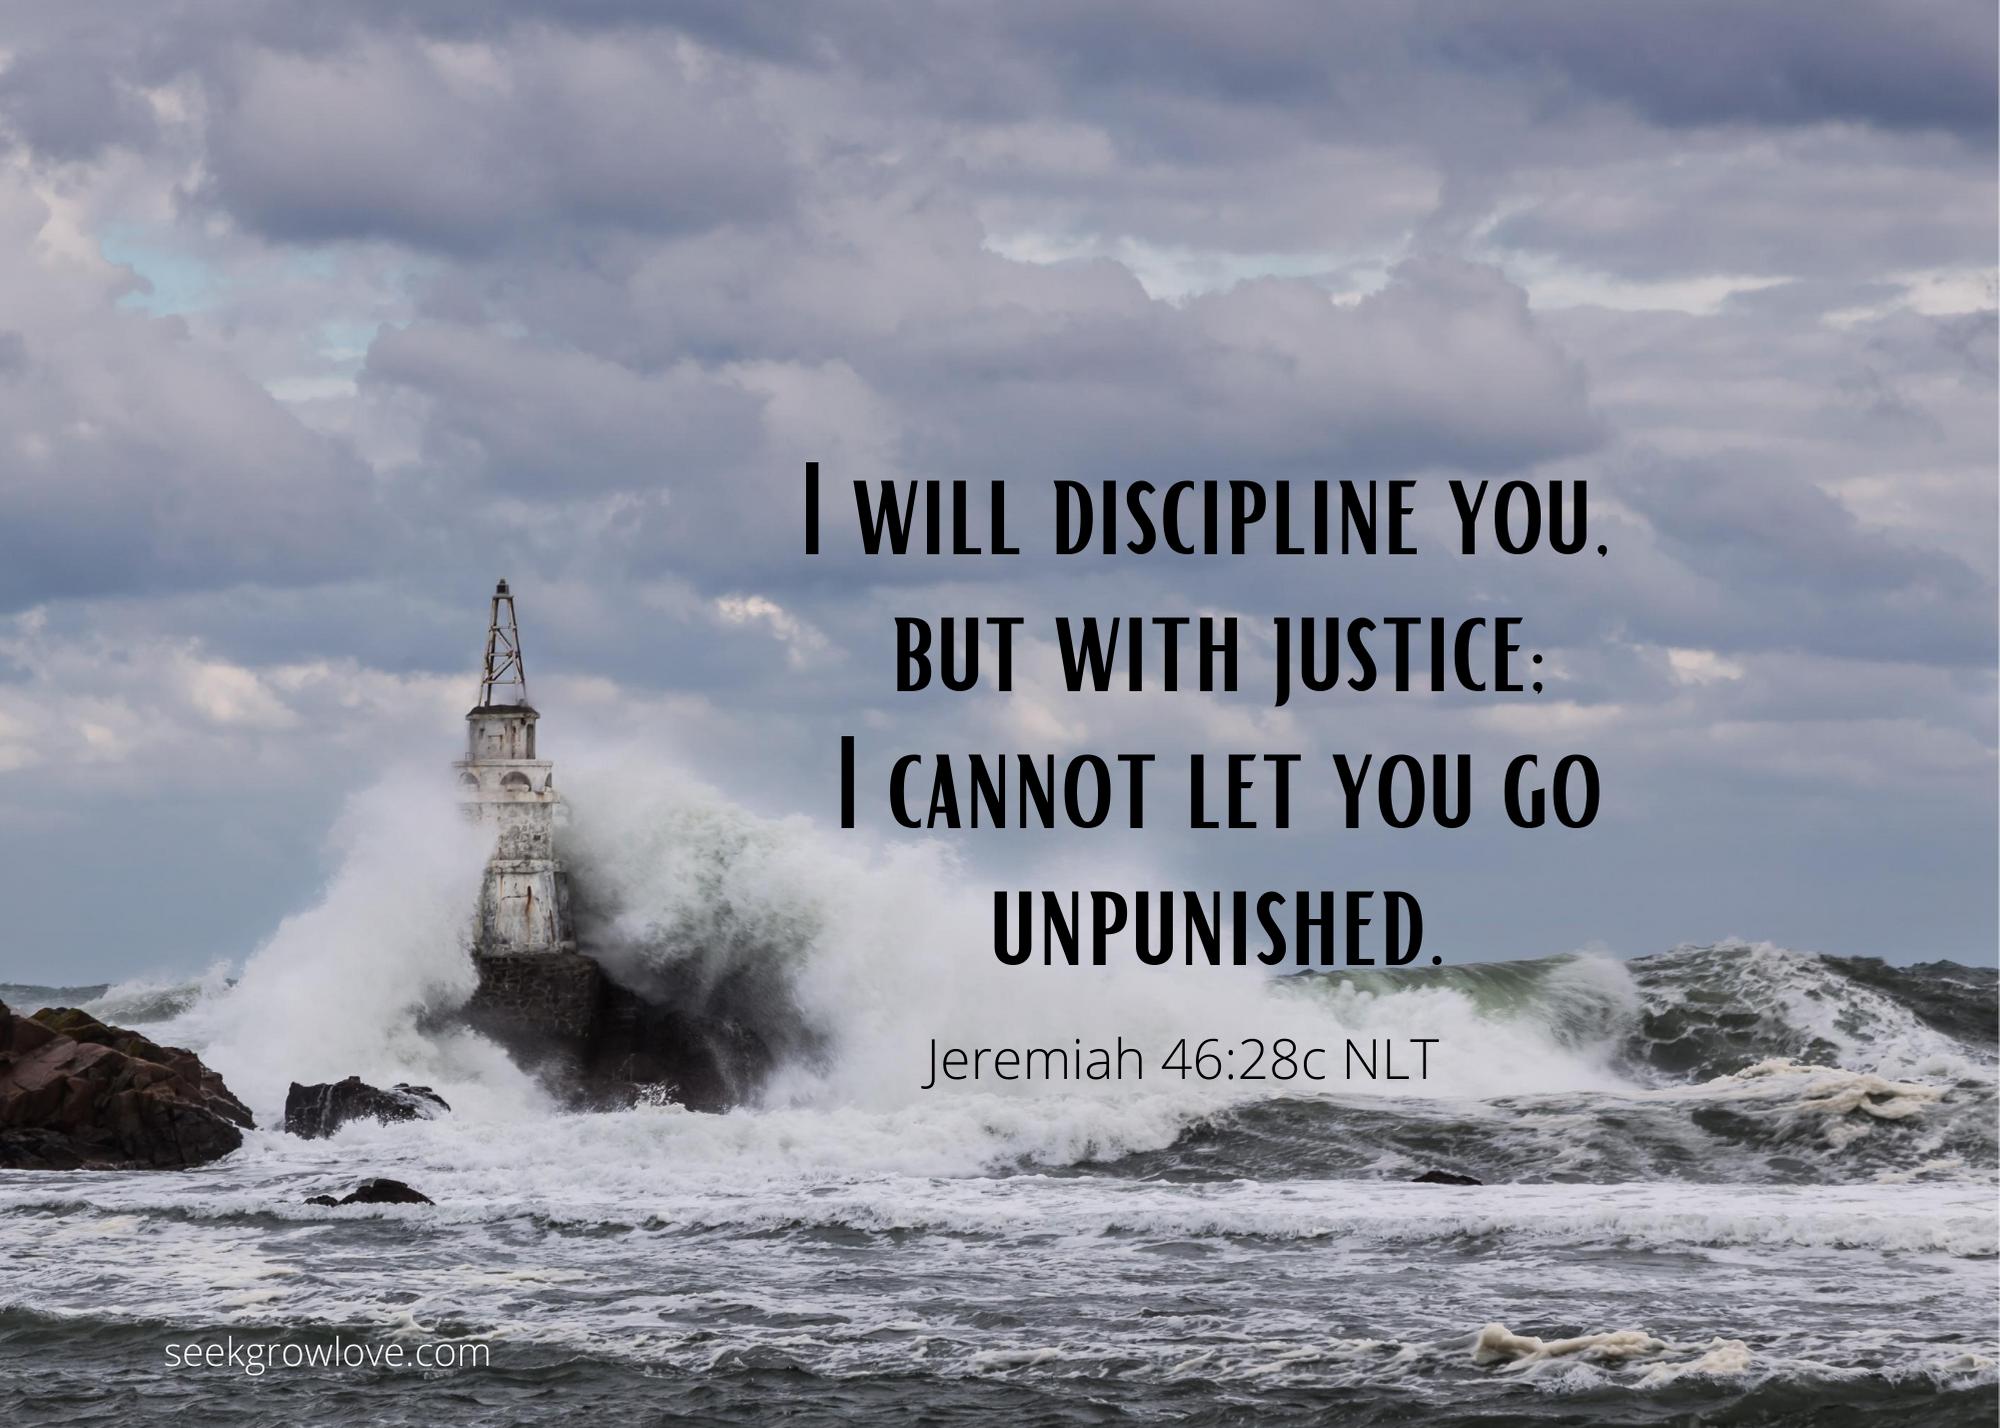 Jeremiah 46 28c NLT sgl